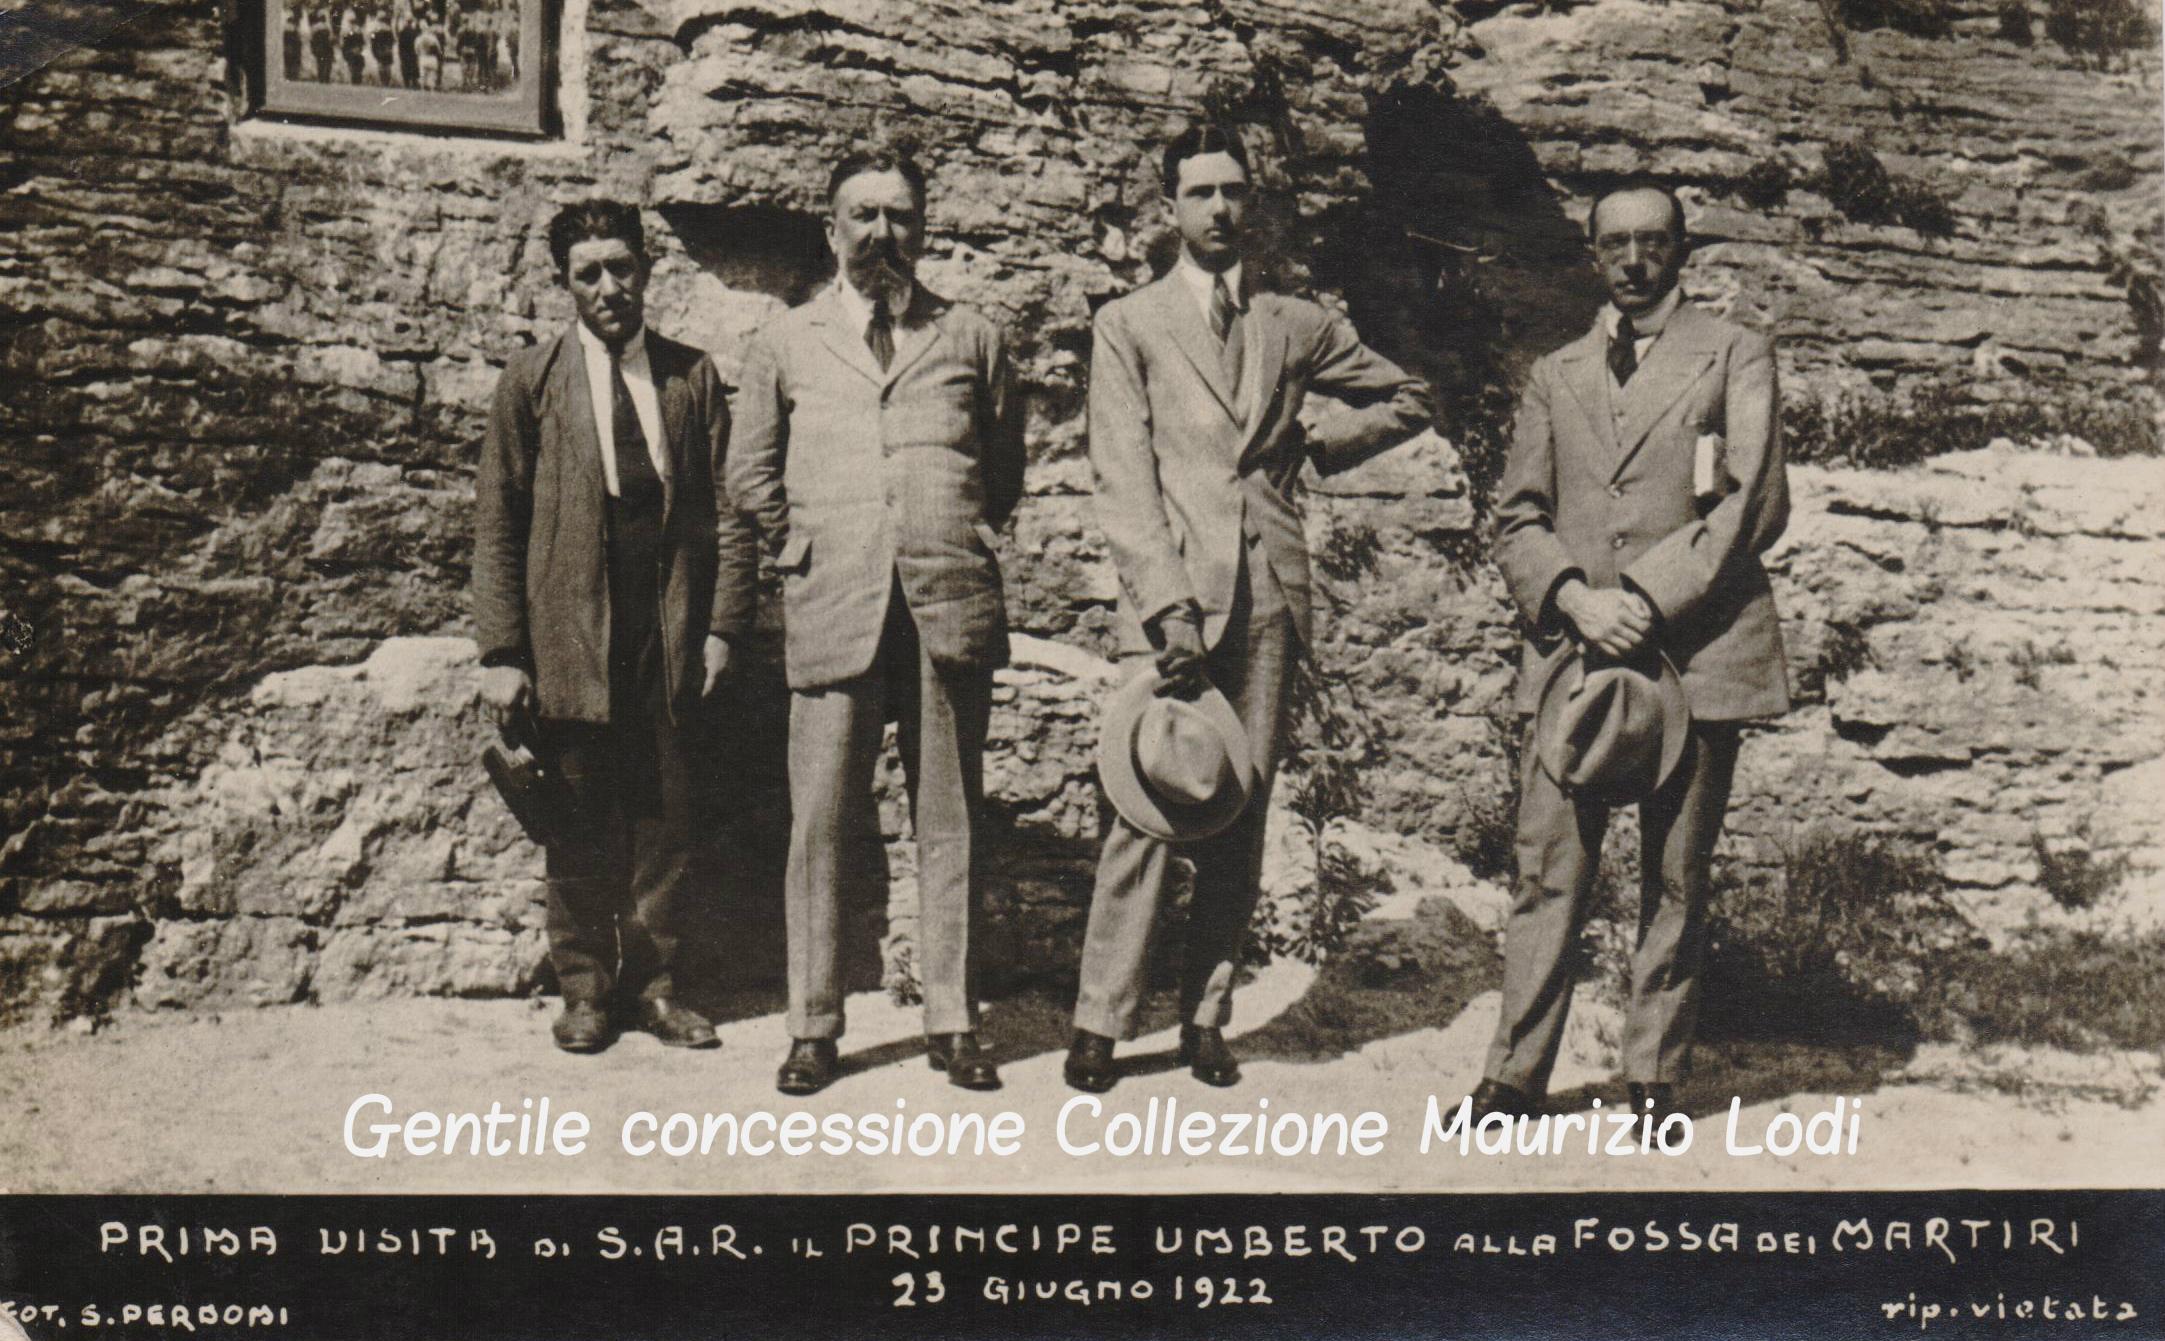 Principe Umberto nel 1922 alla Fossa dei Martiri Castello del Buonconsiglio di Trento (c).jpg